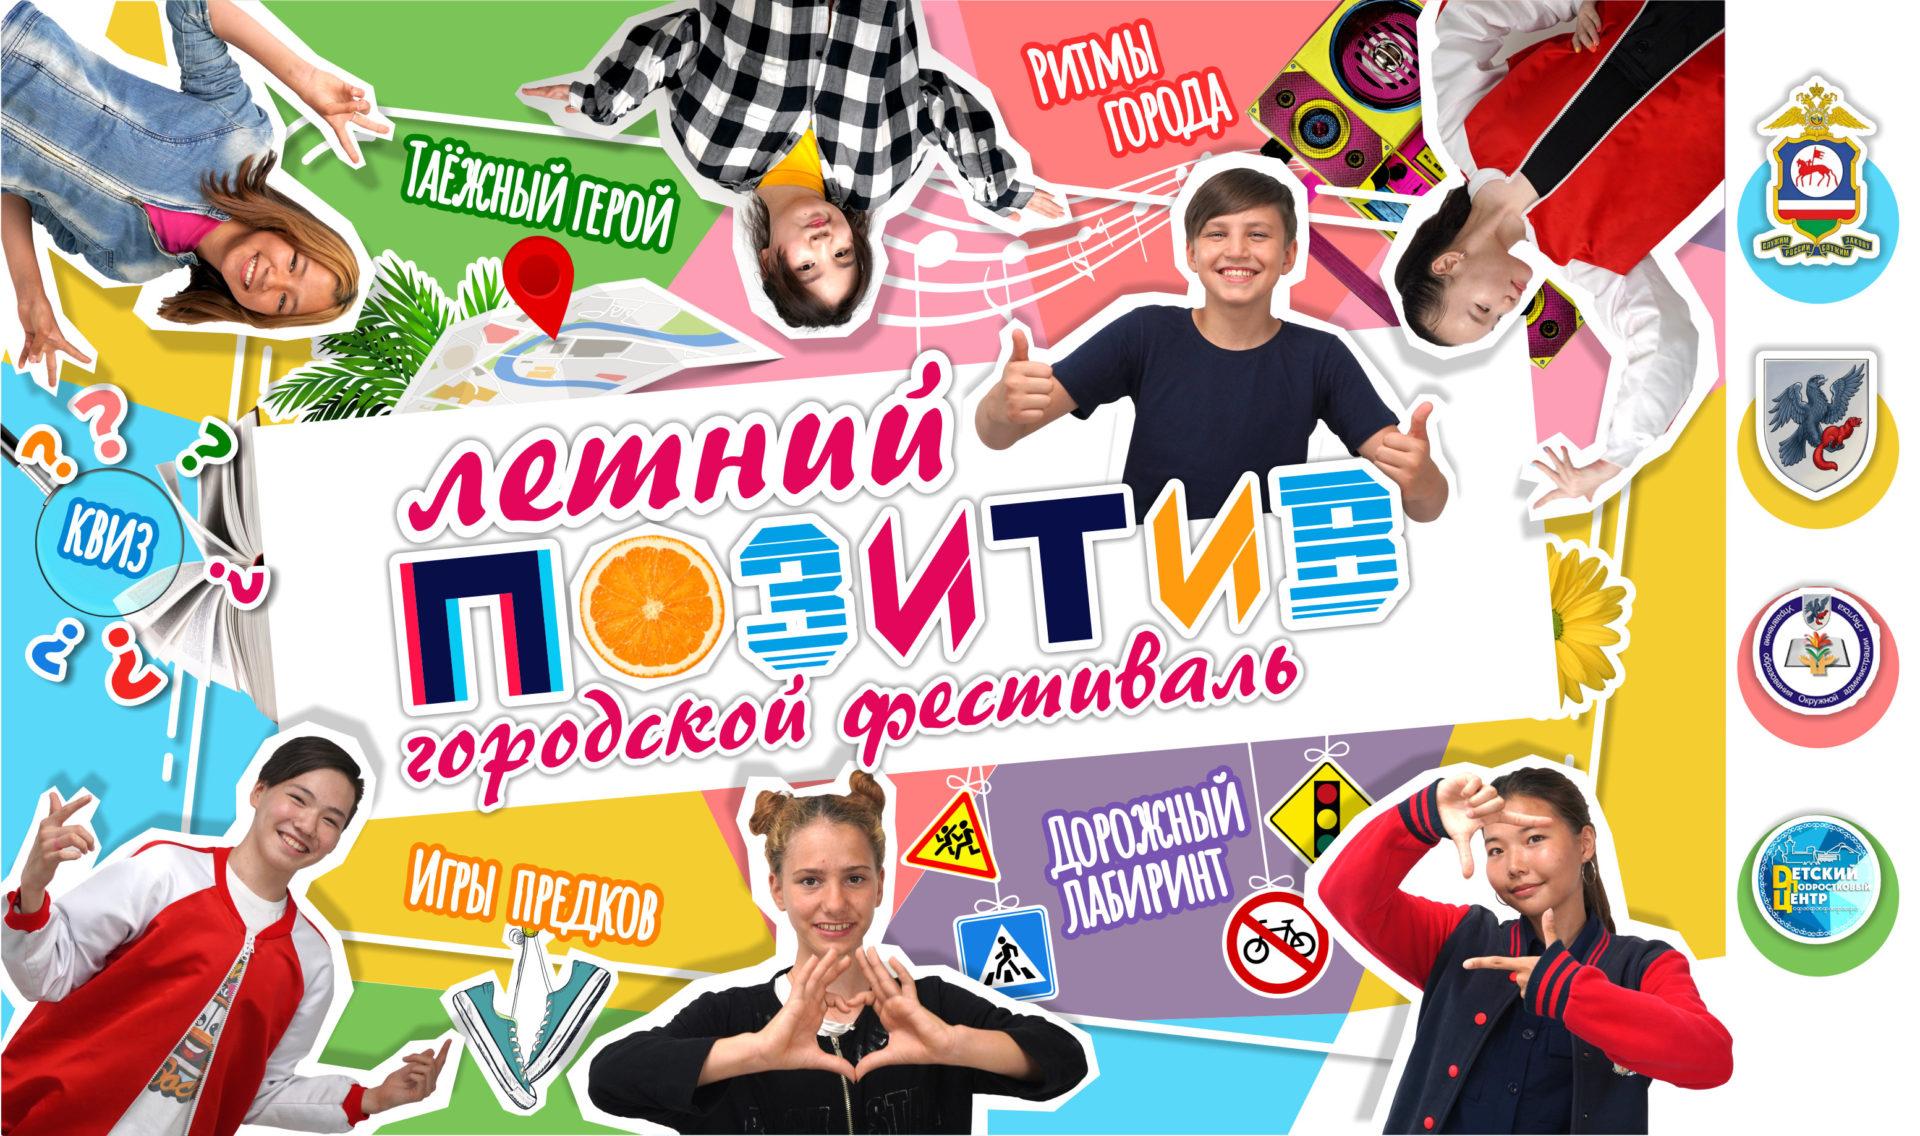 В Якутске стартовал XI городской фестиваль «Летний позитив»